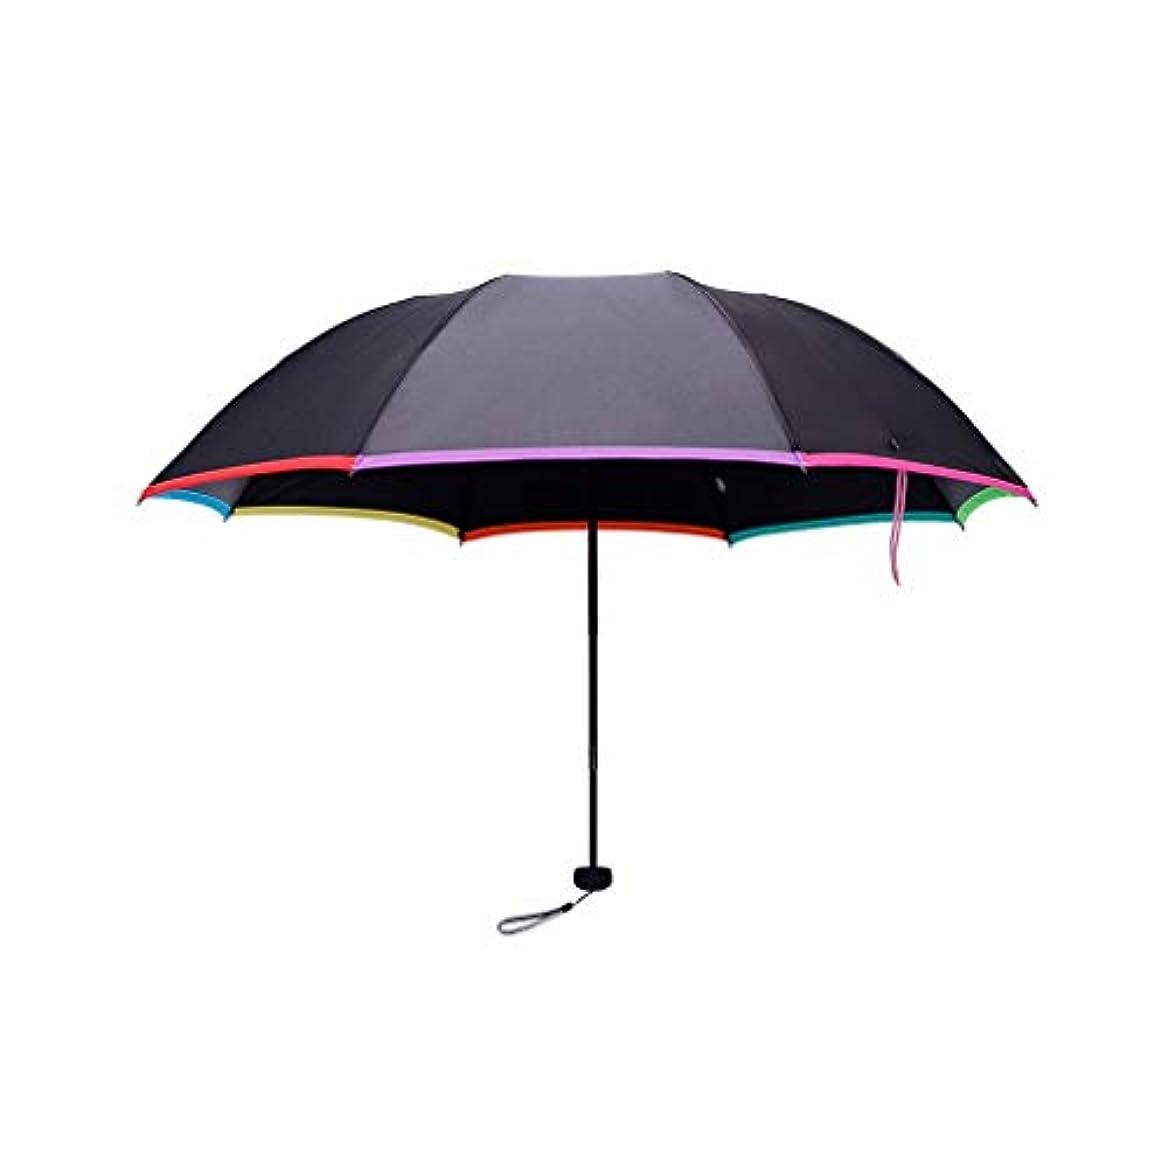 締めるハッピー期限Py 傘傘傘厚い日焼け止め抗UV傘デュアルユース折りたたみ傘シンプルなスタイル